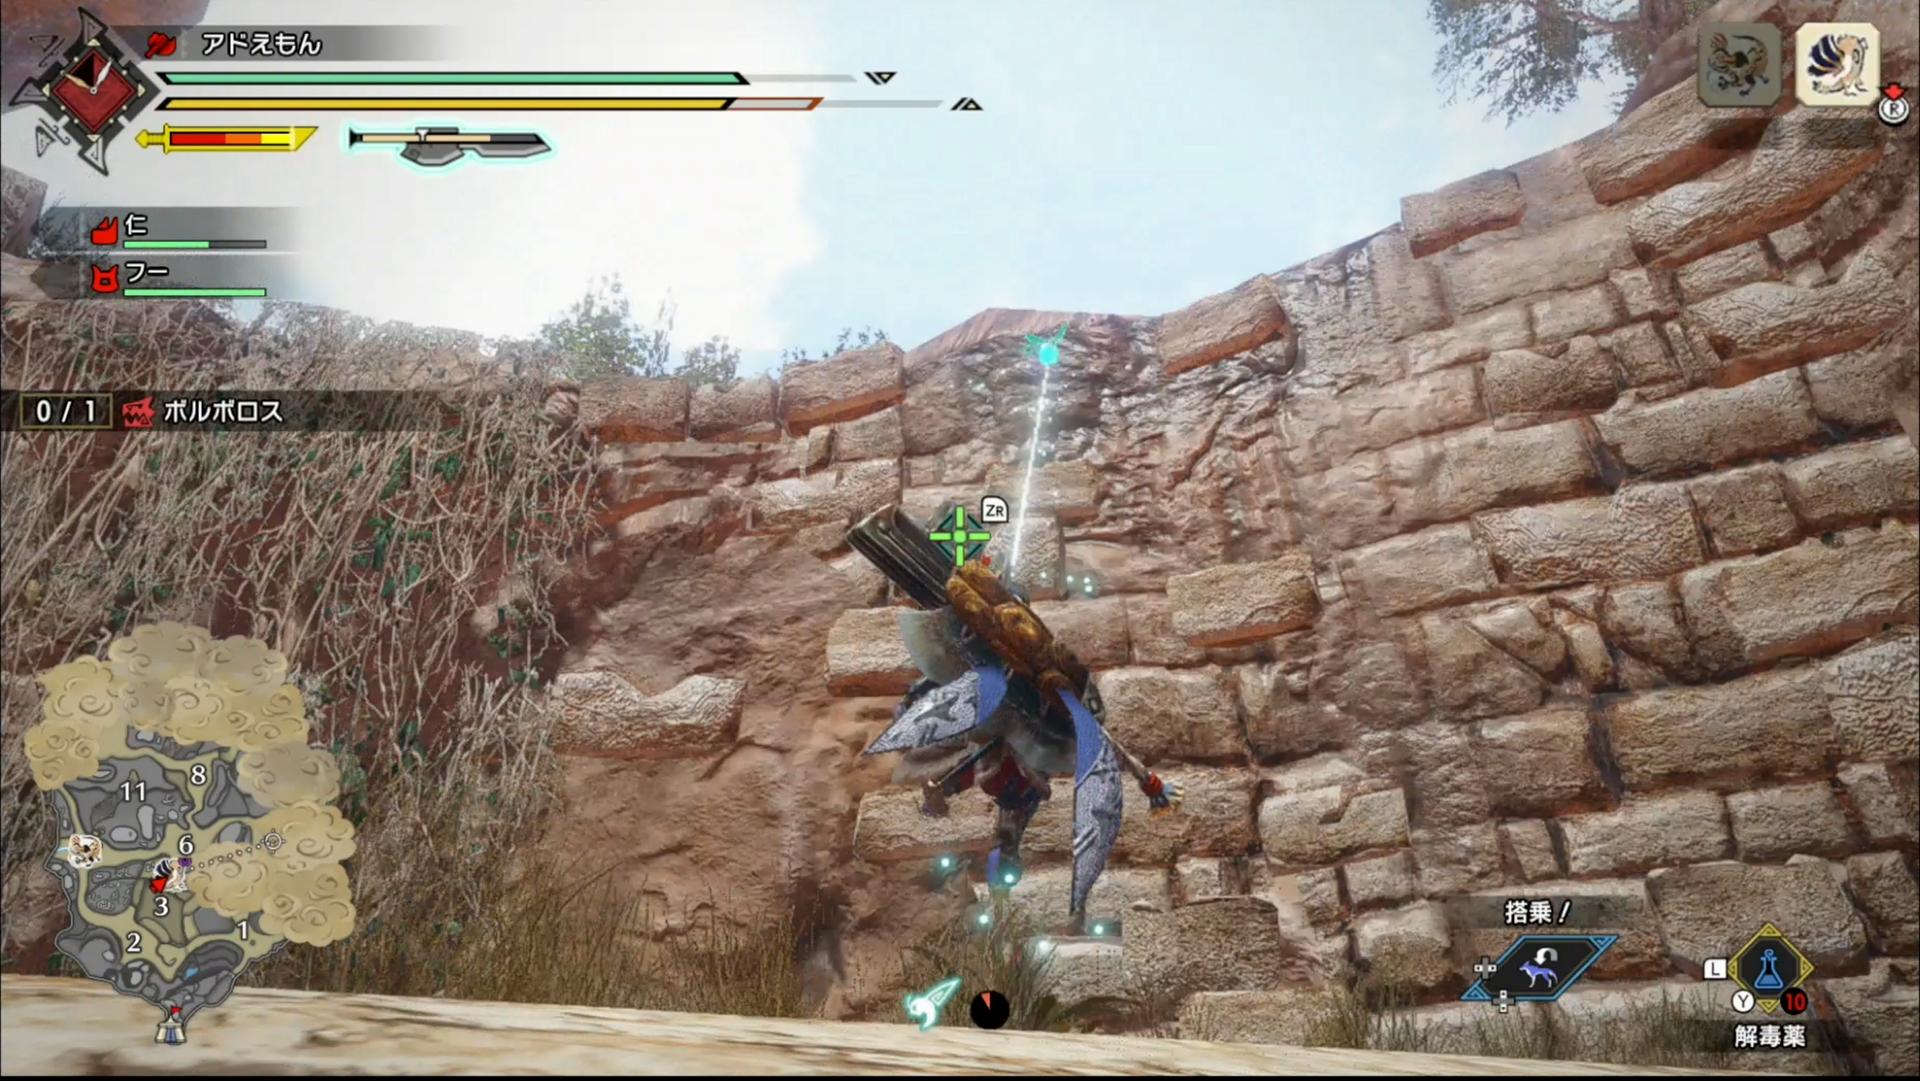 空中に向かって「翔蟲」を放てば飛び上がる事もできる。攻撃の回避やフィールド移動でも重宝するアクションだ